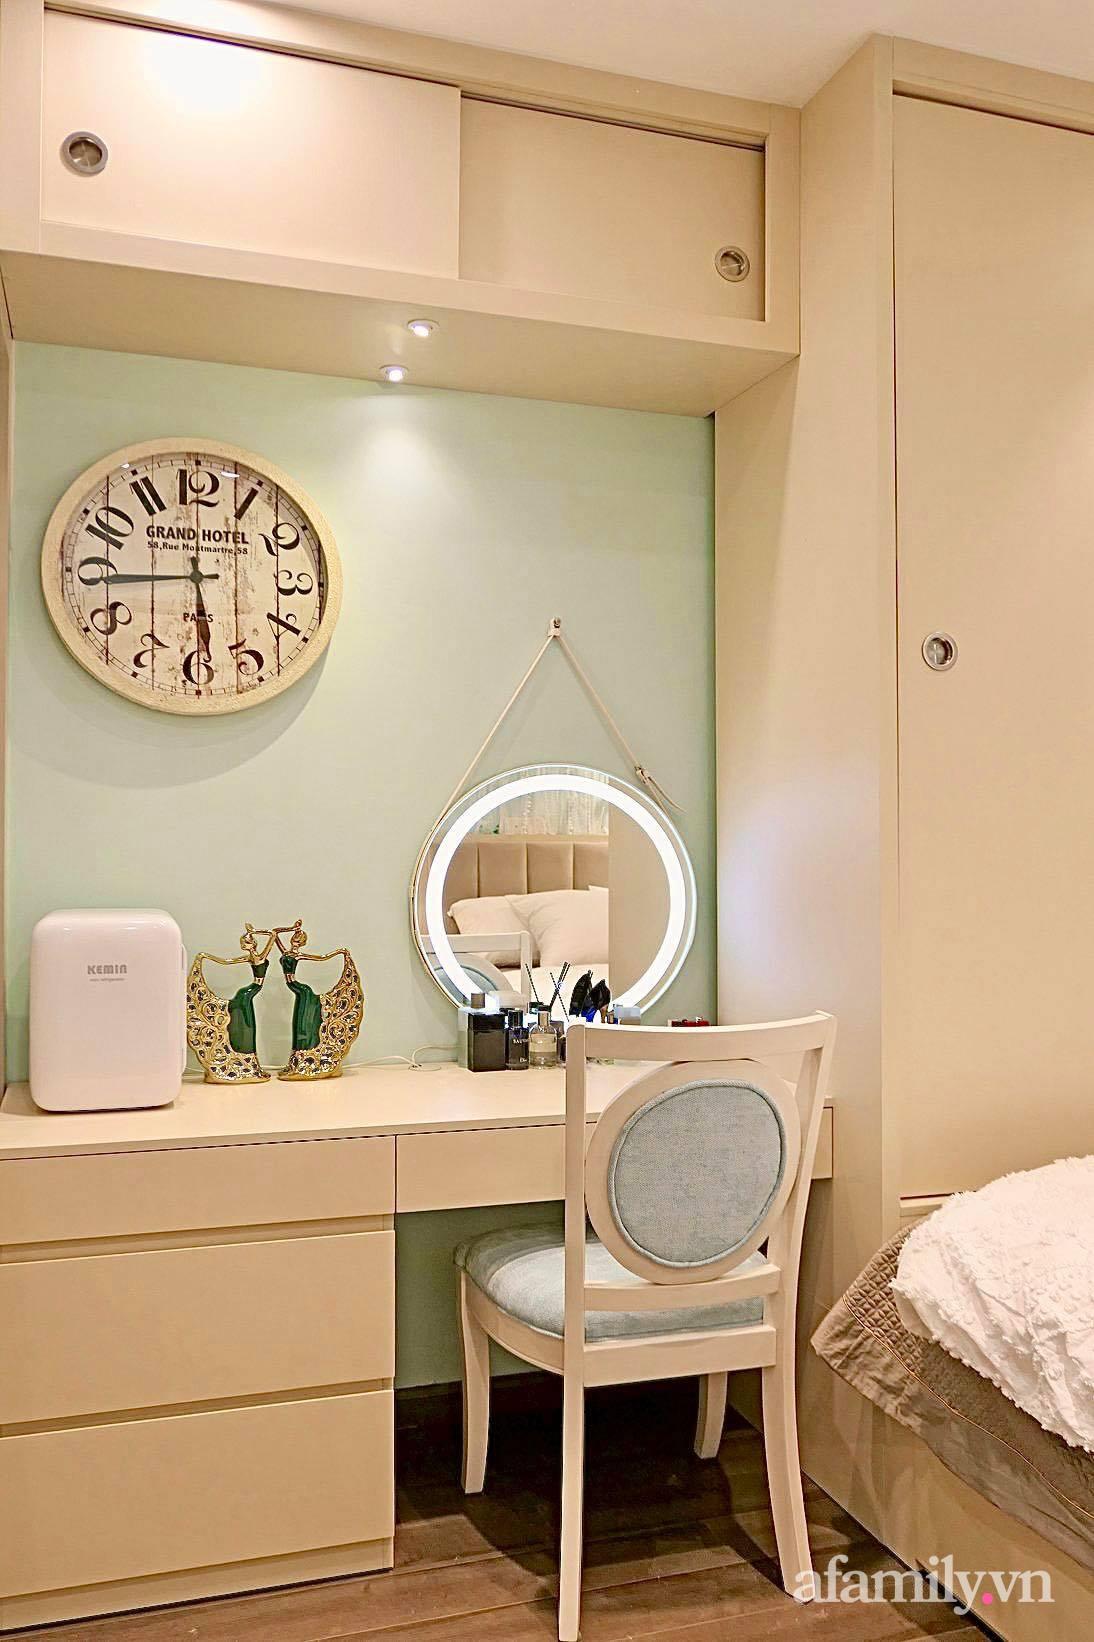 """Căn hộ siêu dễ thương decor theo phong cách Vintage được chủ nhà hoàn thiện """"vội"""" trong 10 ngày ở Hà Nội - Ảnh 18."""